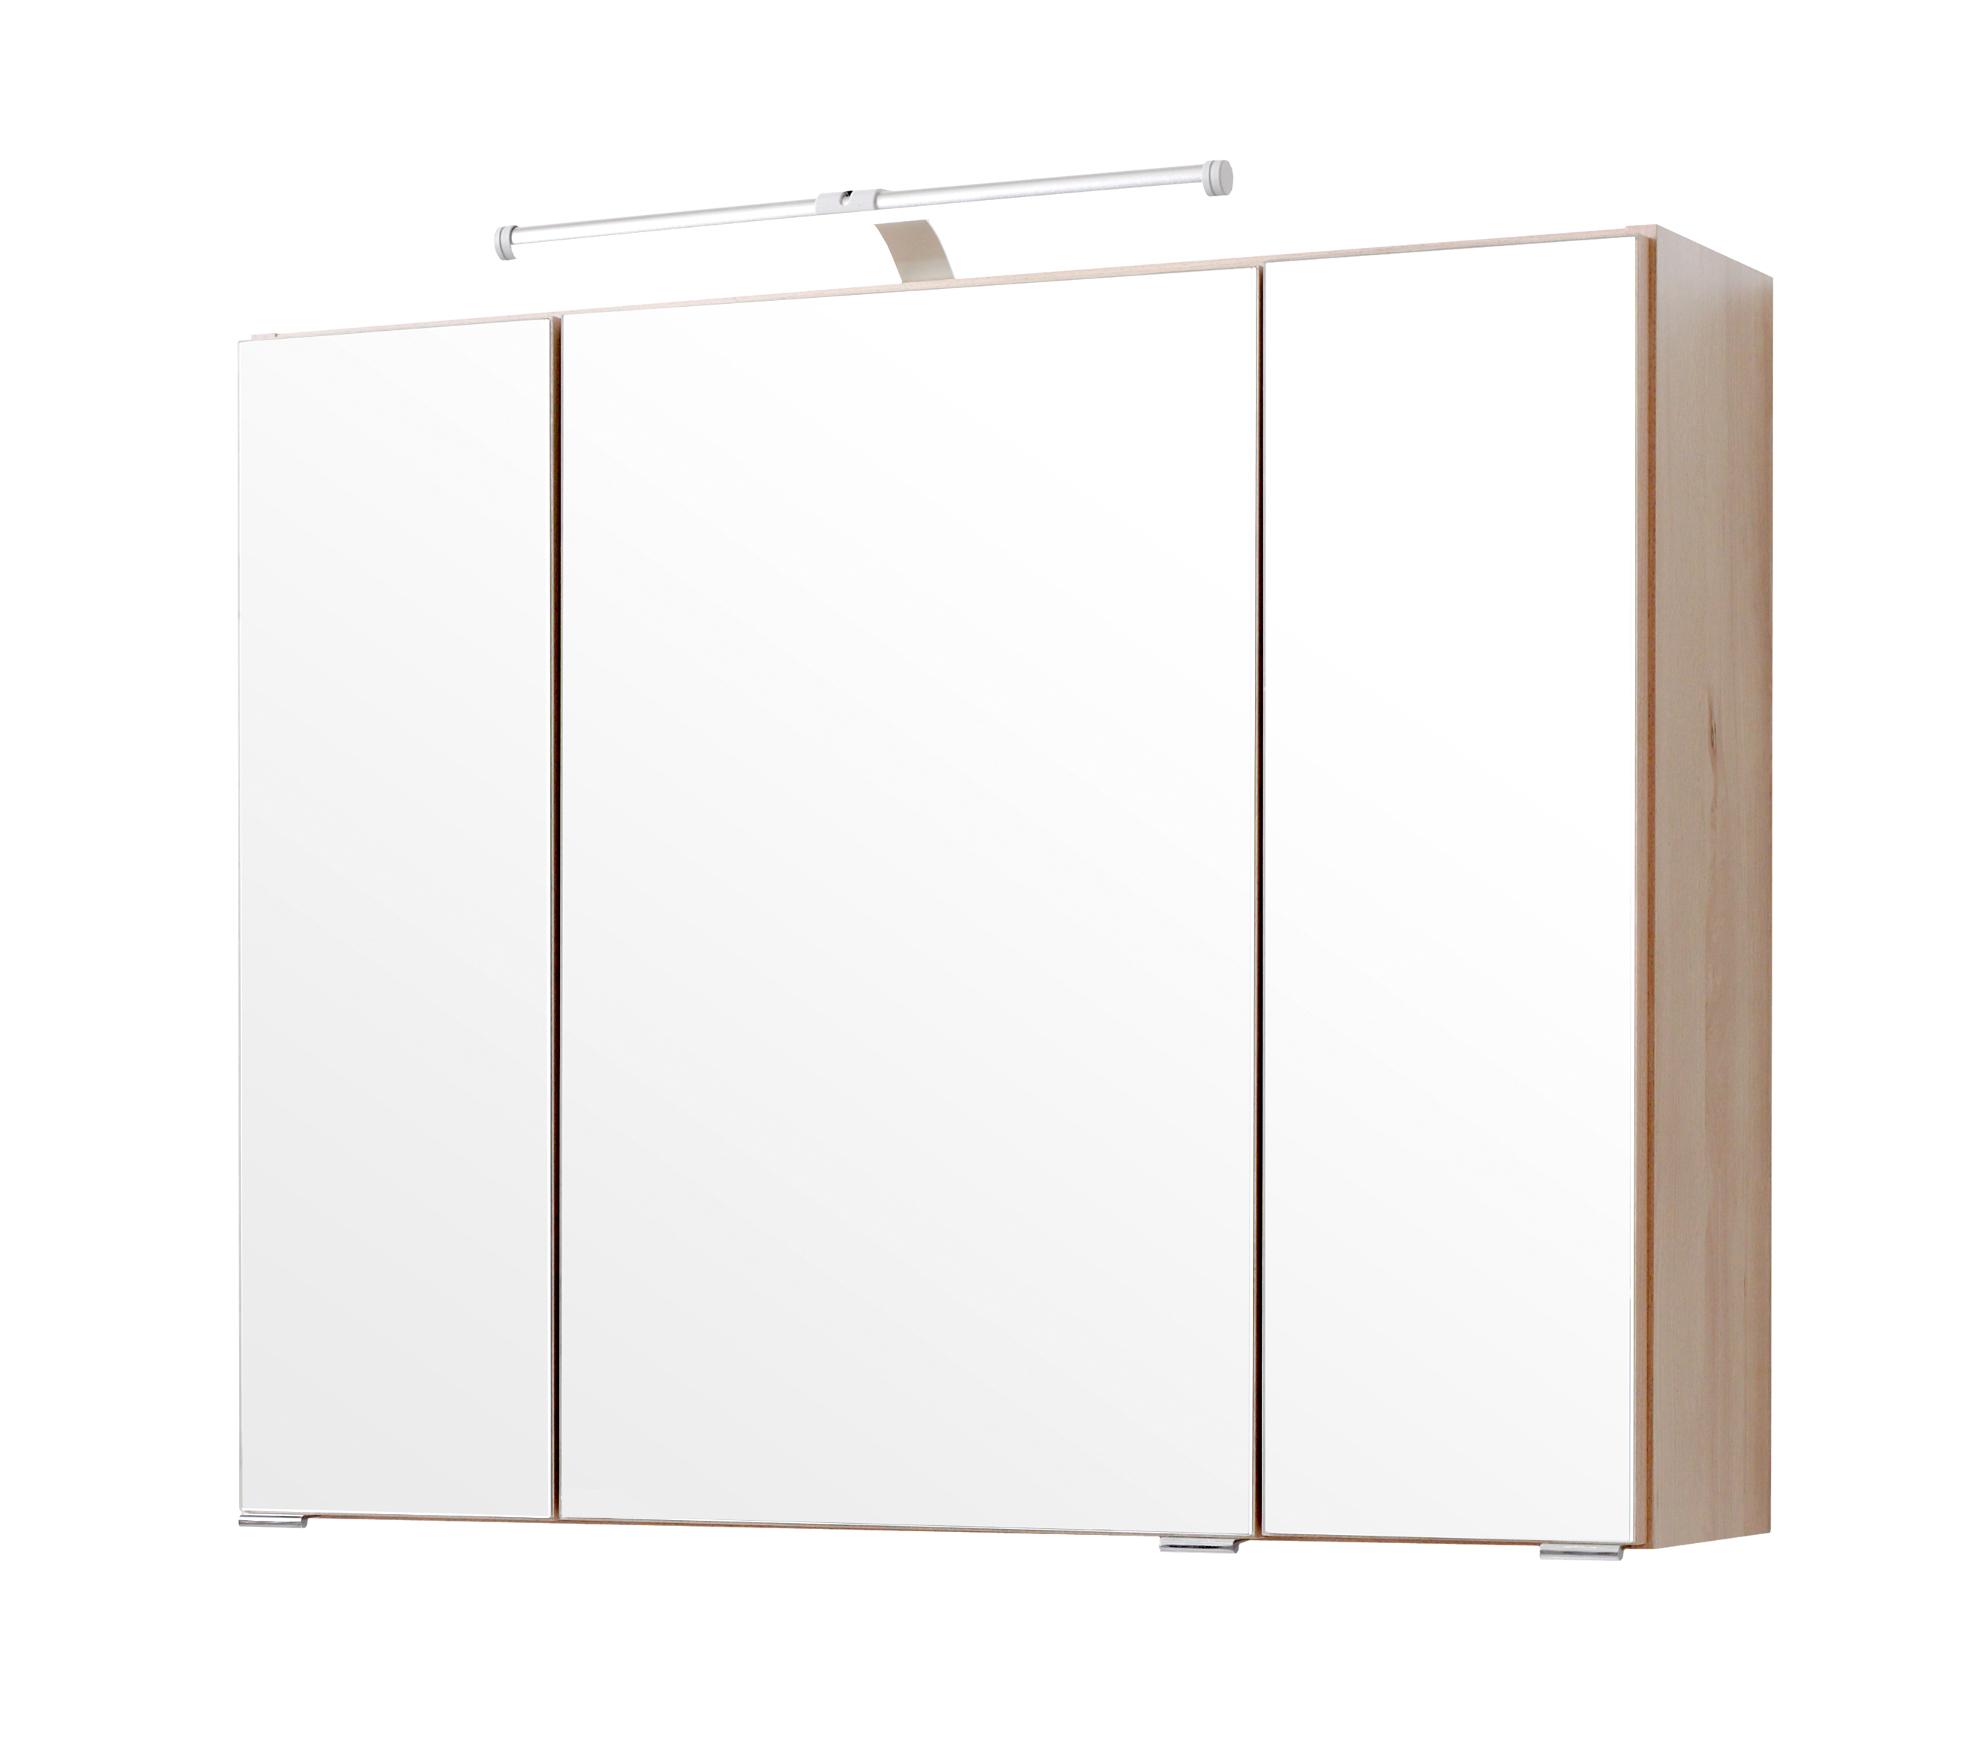 Großartig Badezimmer Spiegelschrank Mit Beleuchtung Galerie Von Bad-spiegelschrank - 3-türig, - 80 Cm Breit